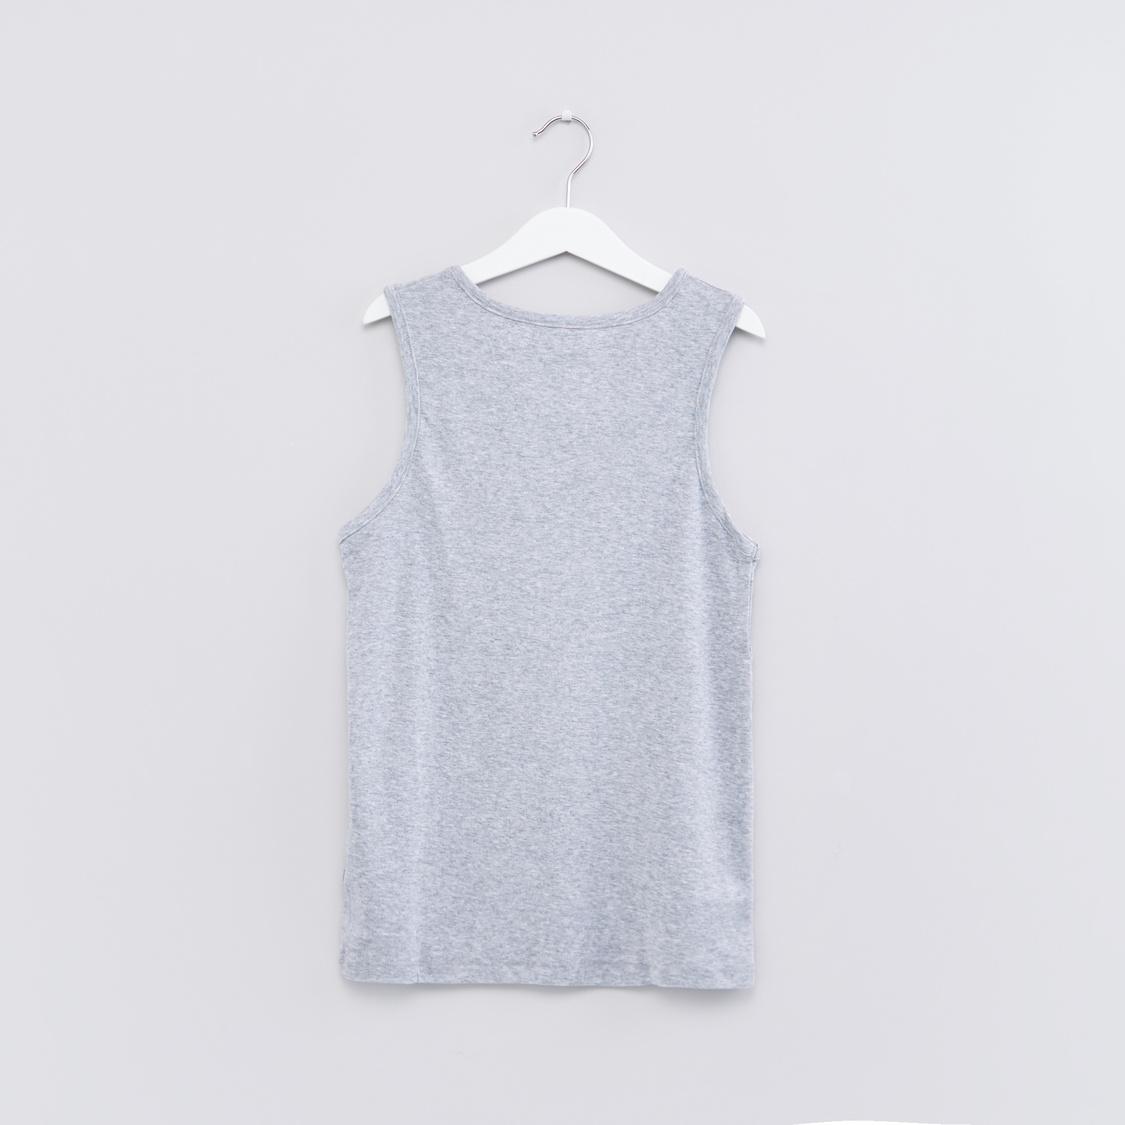 Sleeveless Vest with Scoop Neck